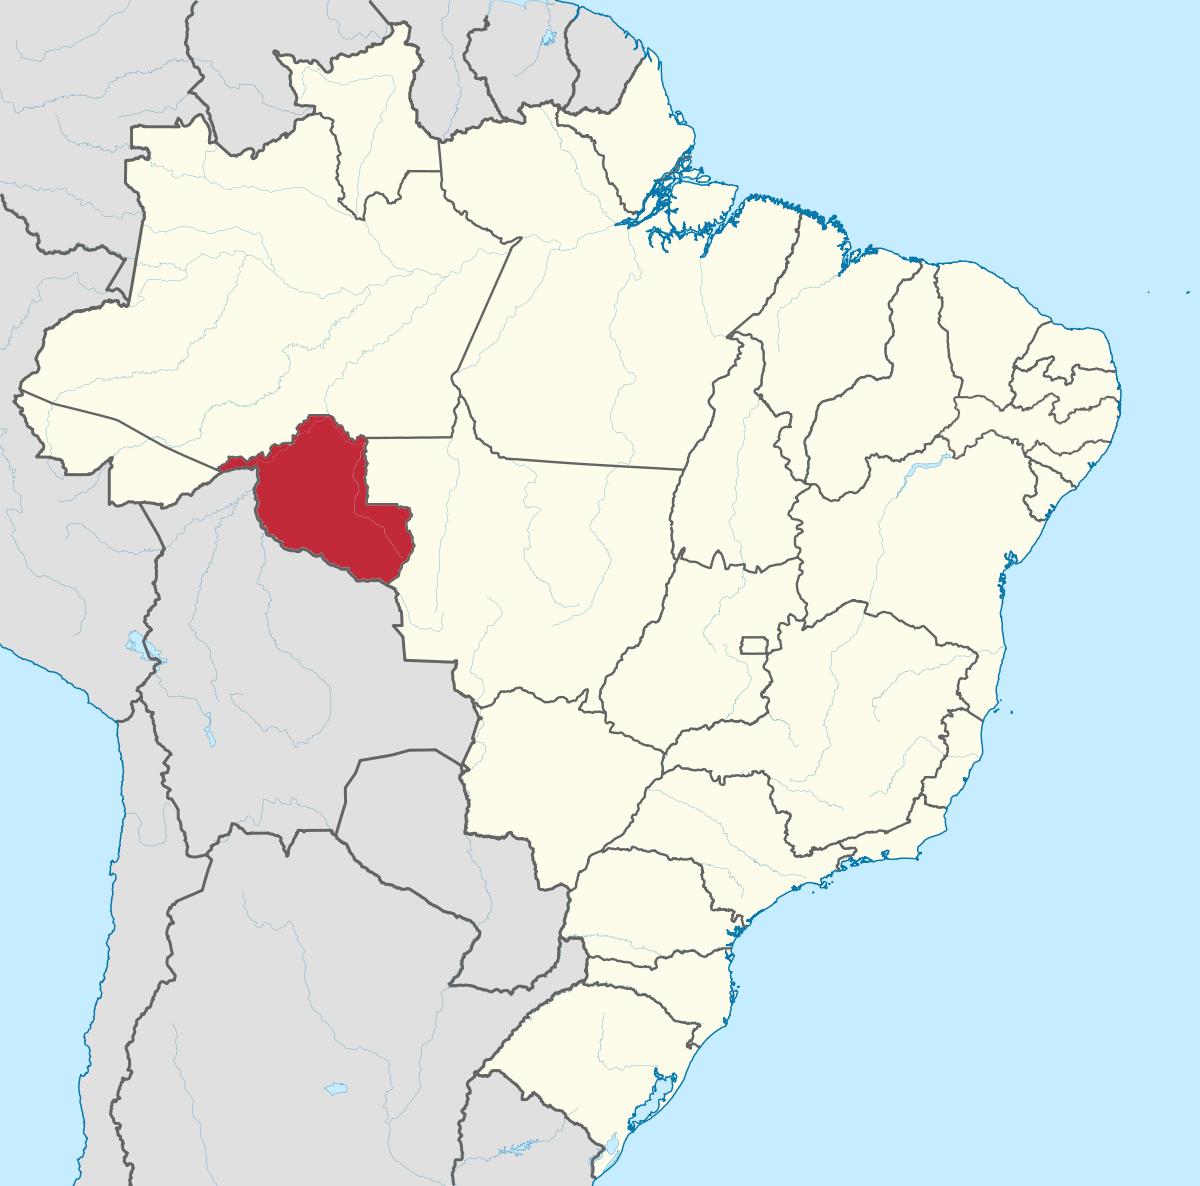 Brazilrondonia.png